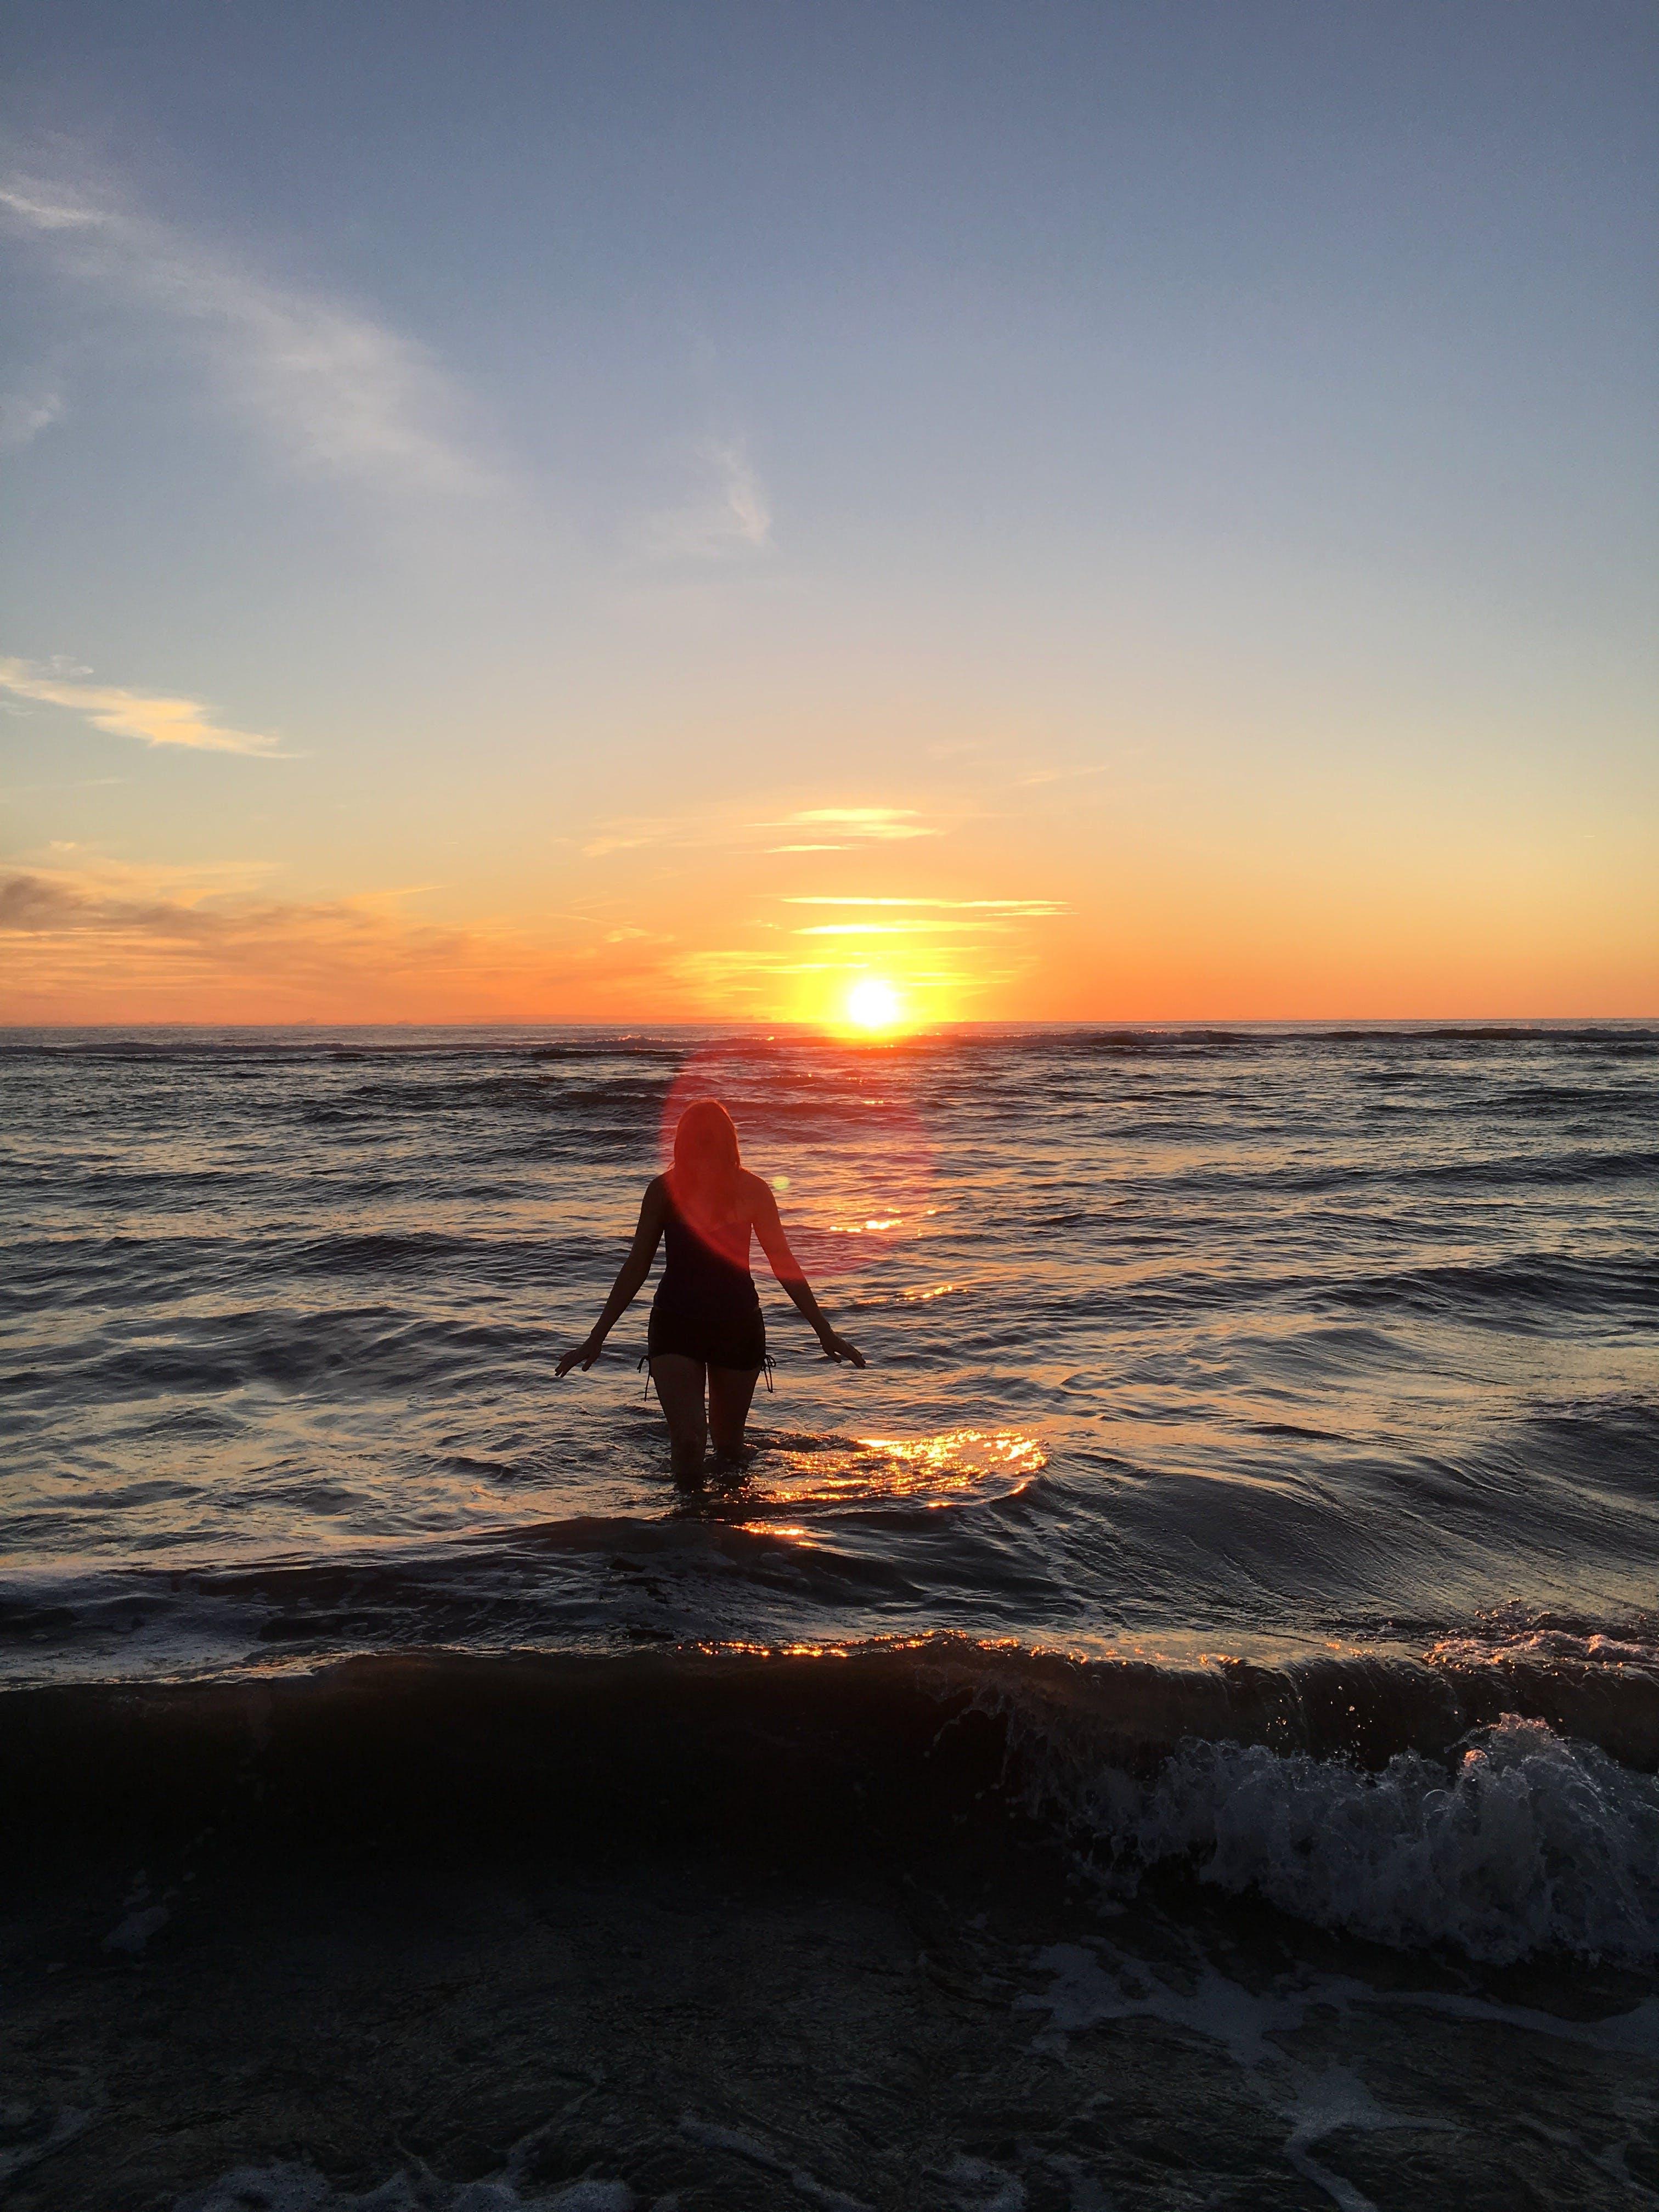 Kostenloses Stock Foto zu atlantischer ozean, dämmerung, frankreich, hinterleuchtet